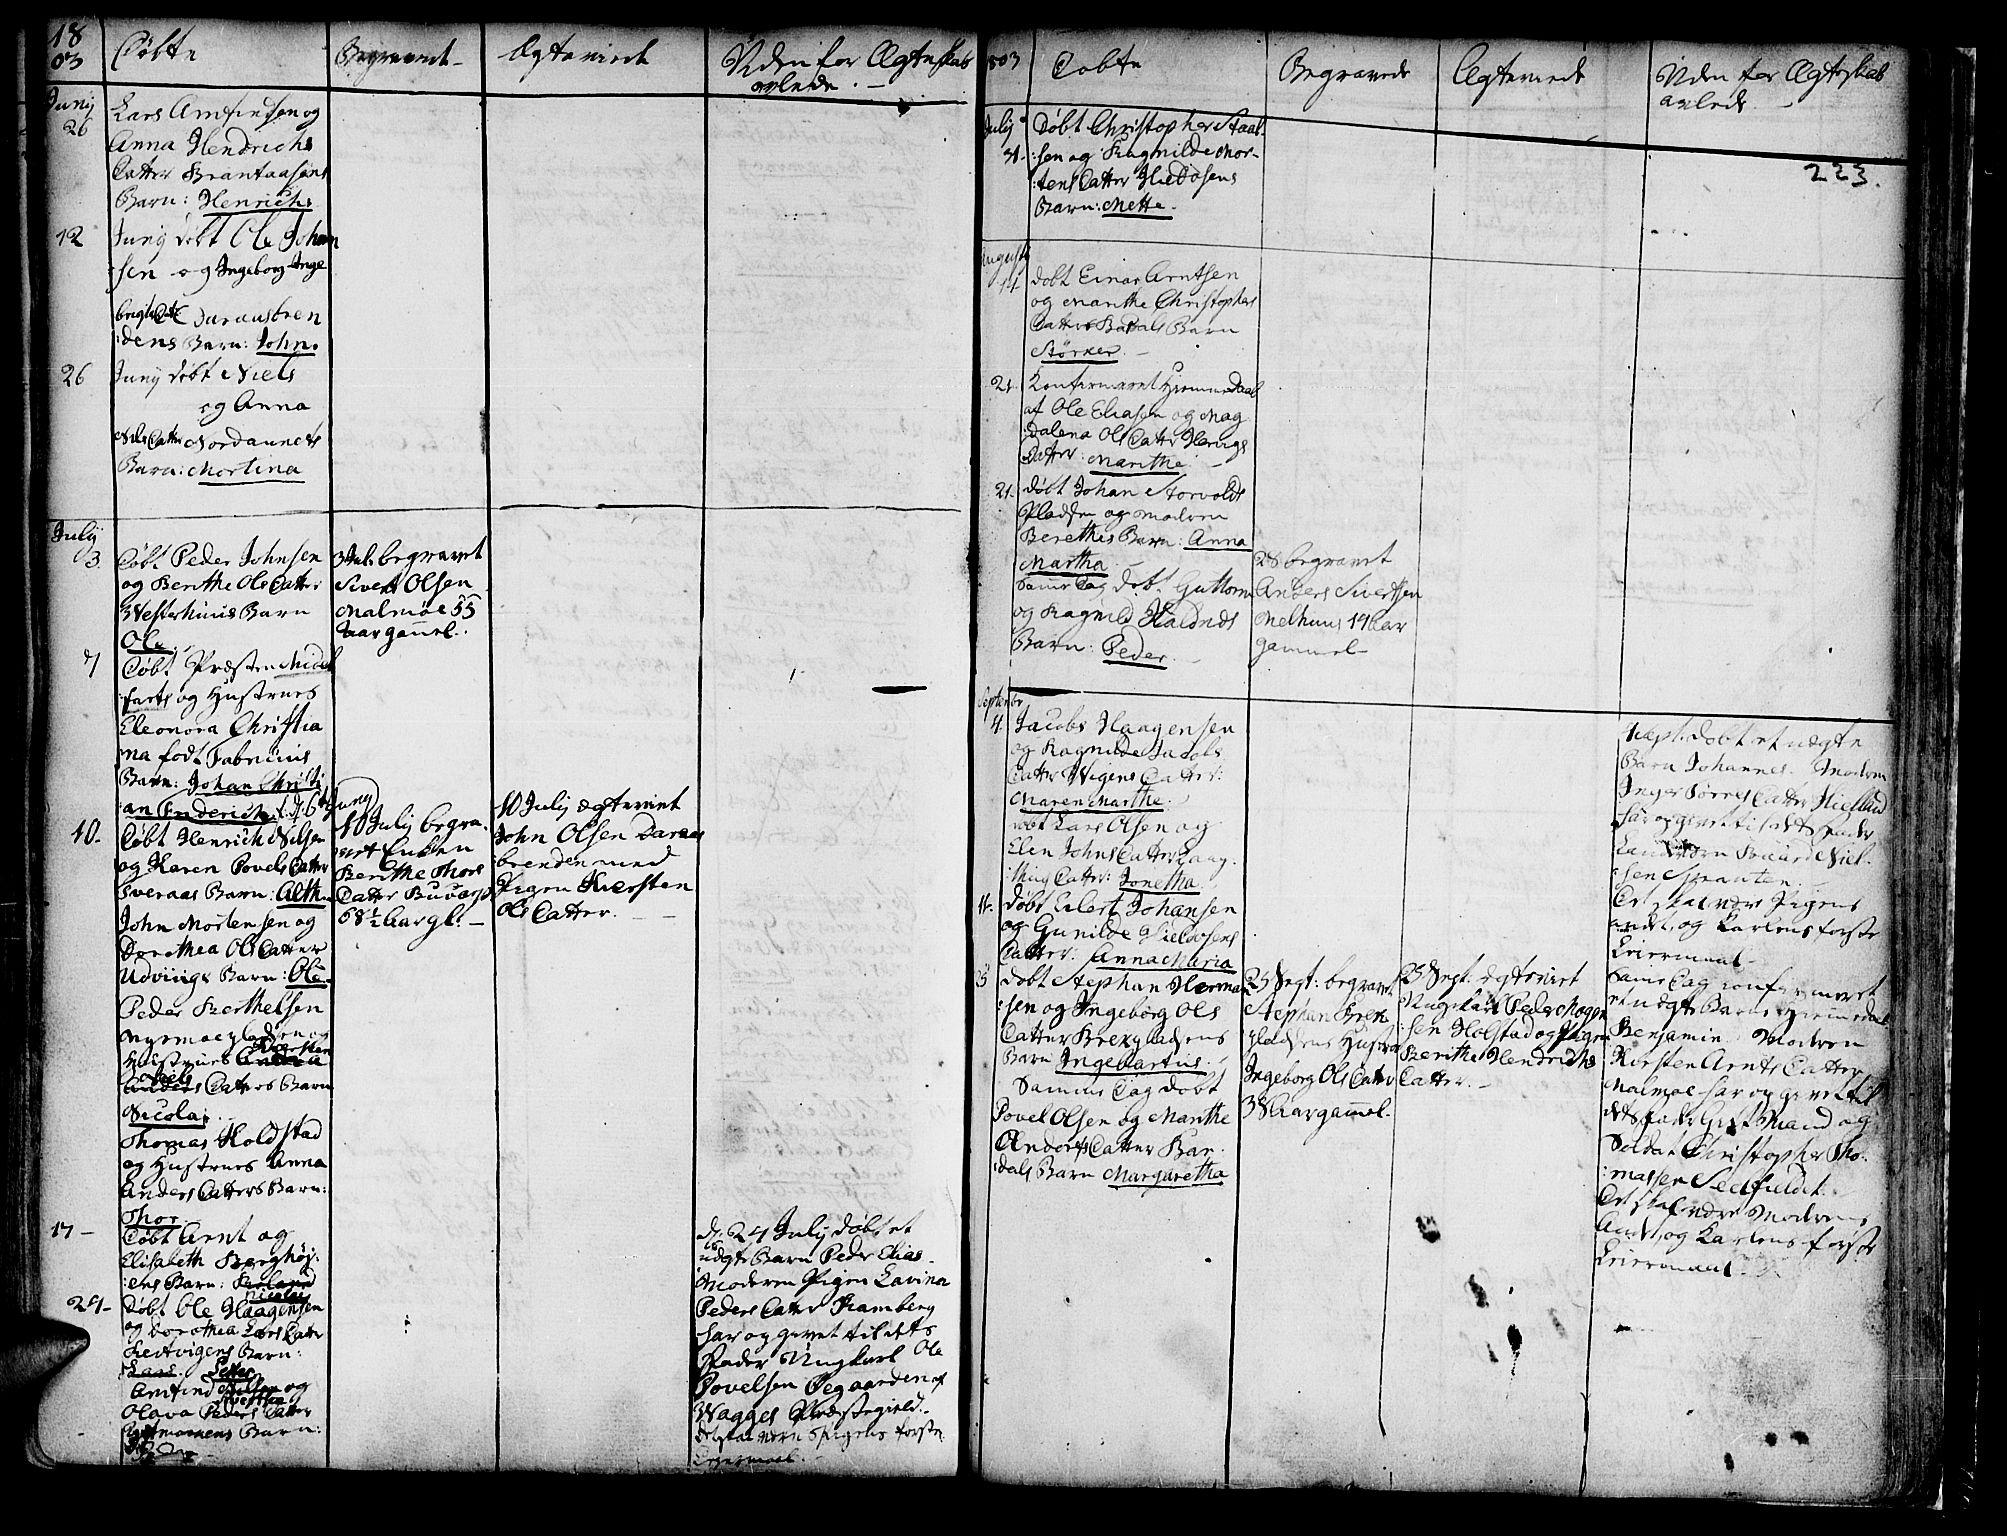 SAT, Ministerialprotokoller, klokkerbøker og fødselsregistre - Nord-Trøndelag, 741/L0385: Parish register (official) no. 741A01, 1722-1815, p. 223